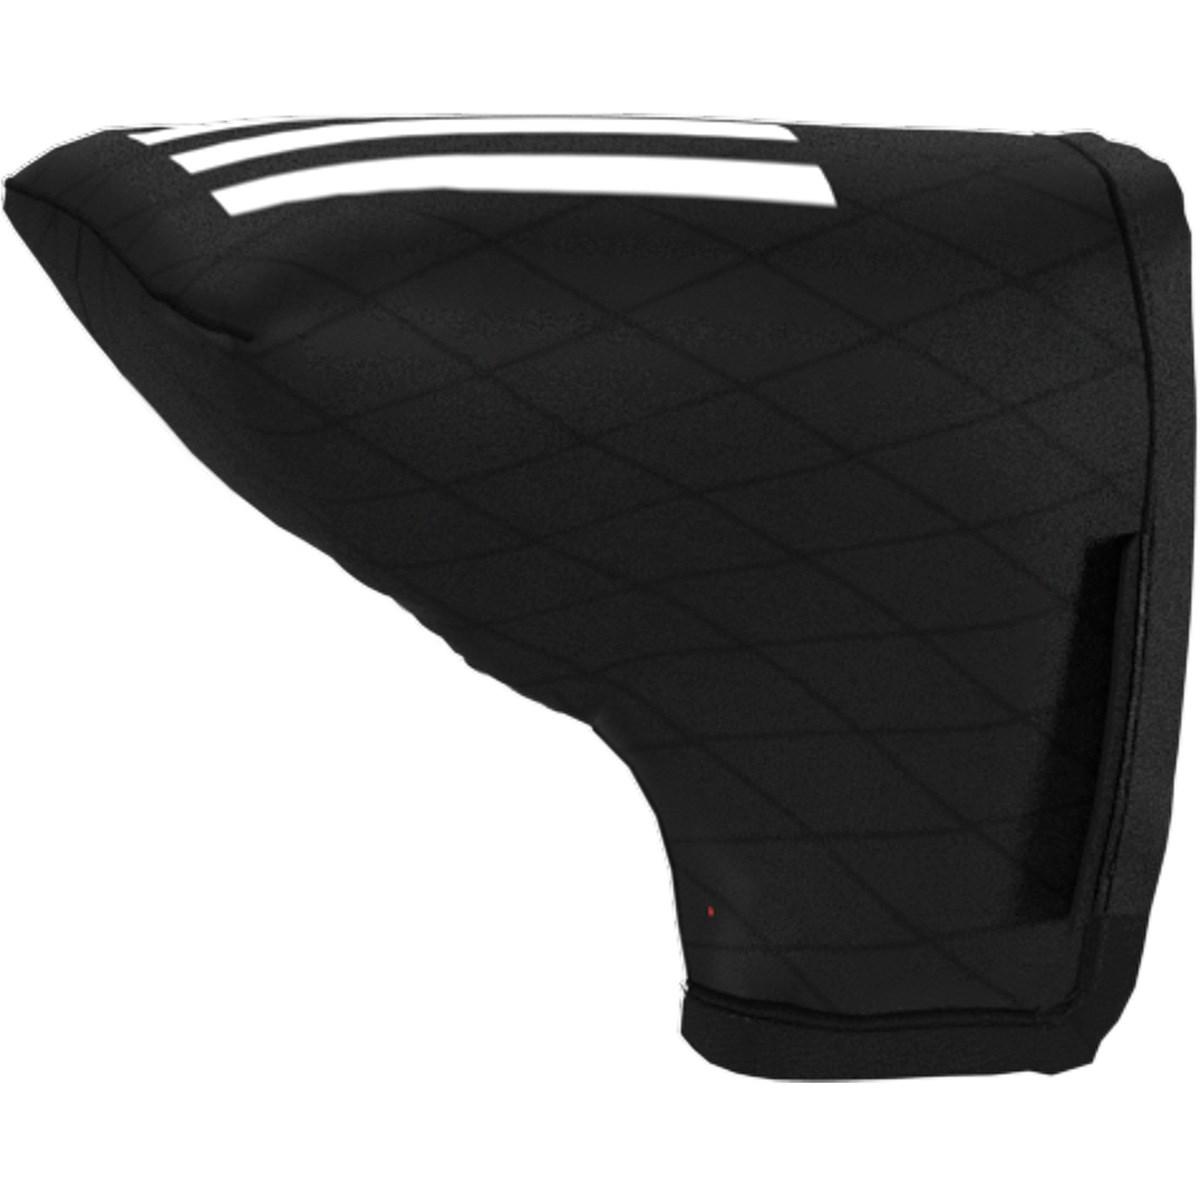 アディダス(adidas) 3ストライプ パターカバー